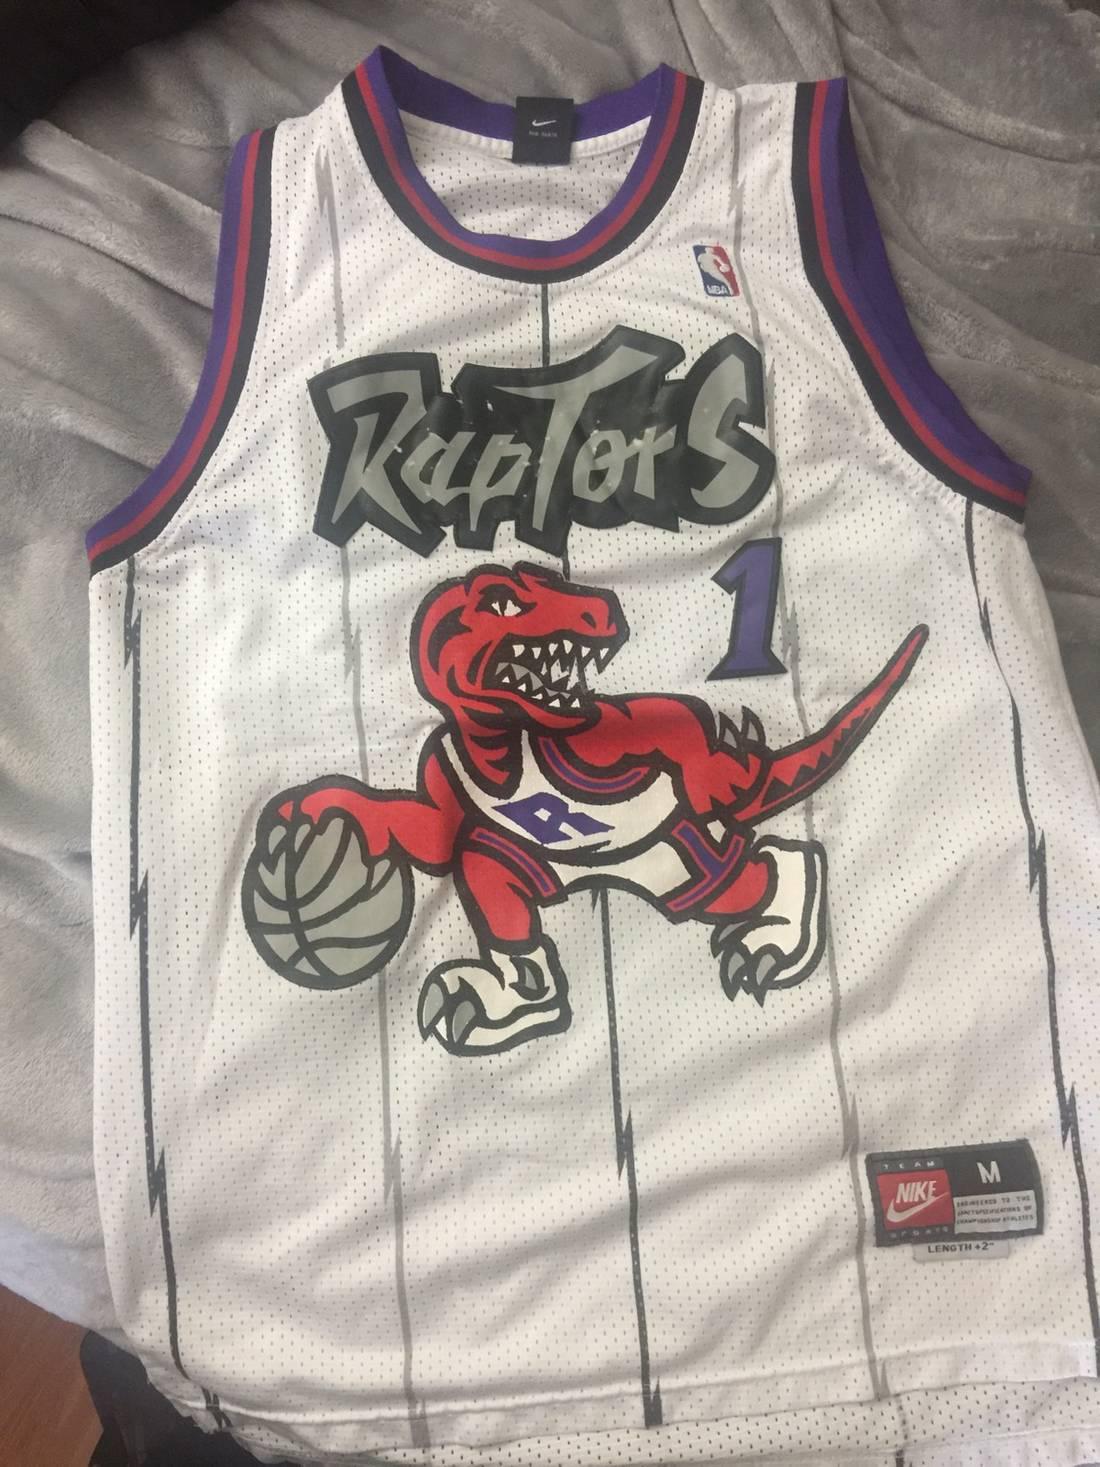 Nike NWT Tracy McGrady Toronto Raptors 1 Swingman Jersey Size US L EU Nike Tracy  McGrady Toronto Raptors Throwback Jersey Size US M EU 48-50 . dab5c0ad3